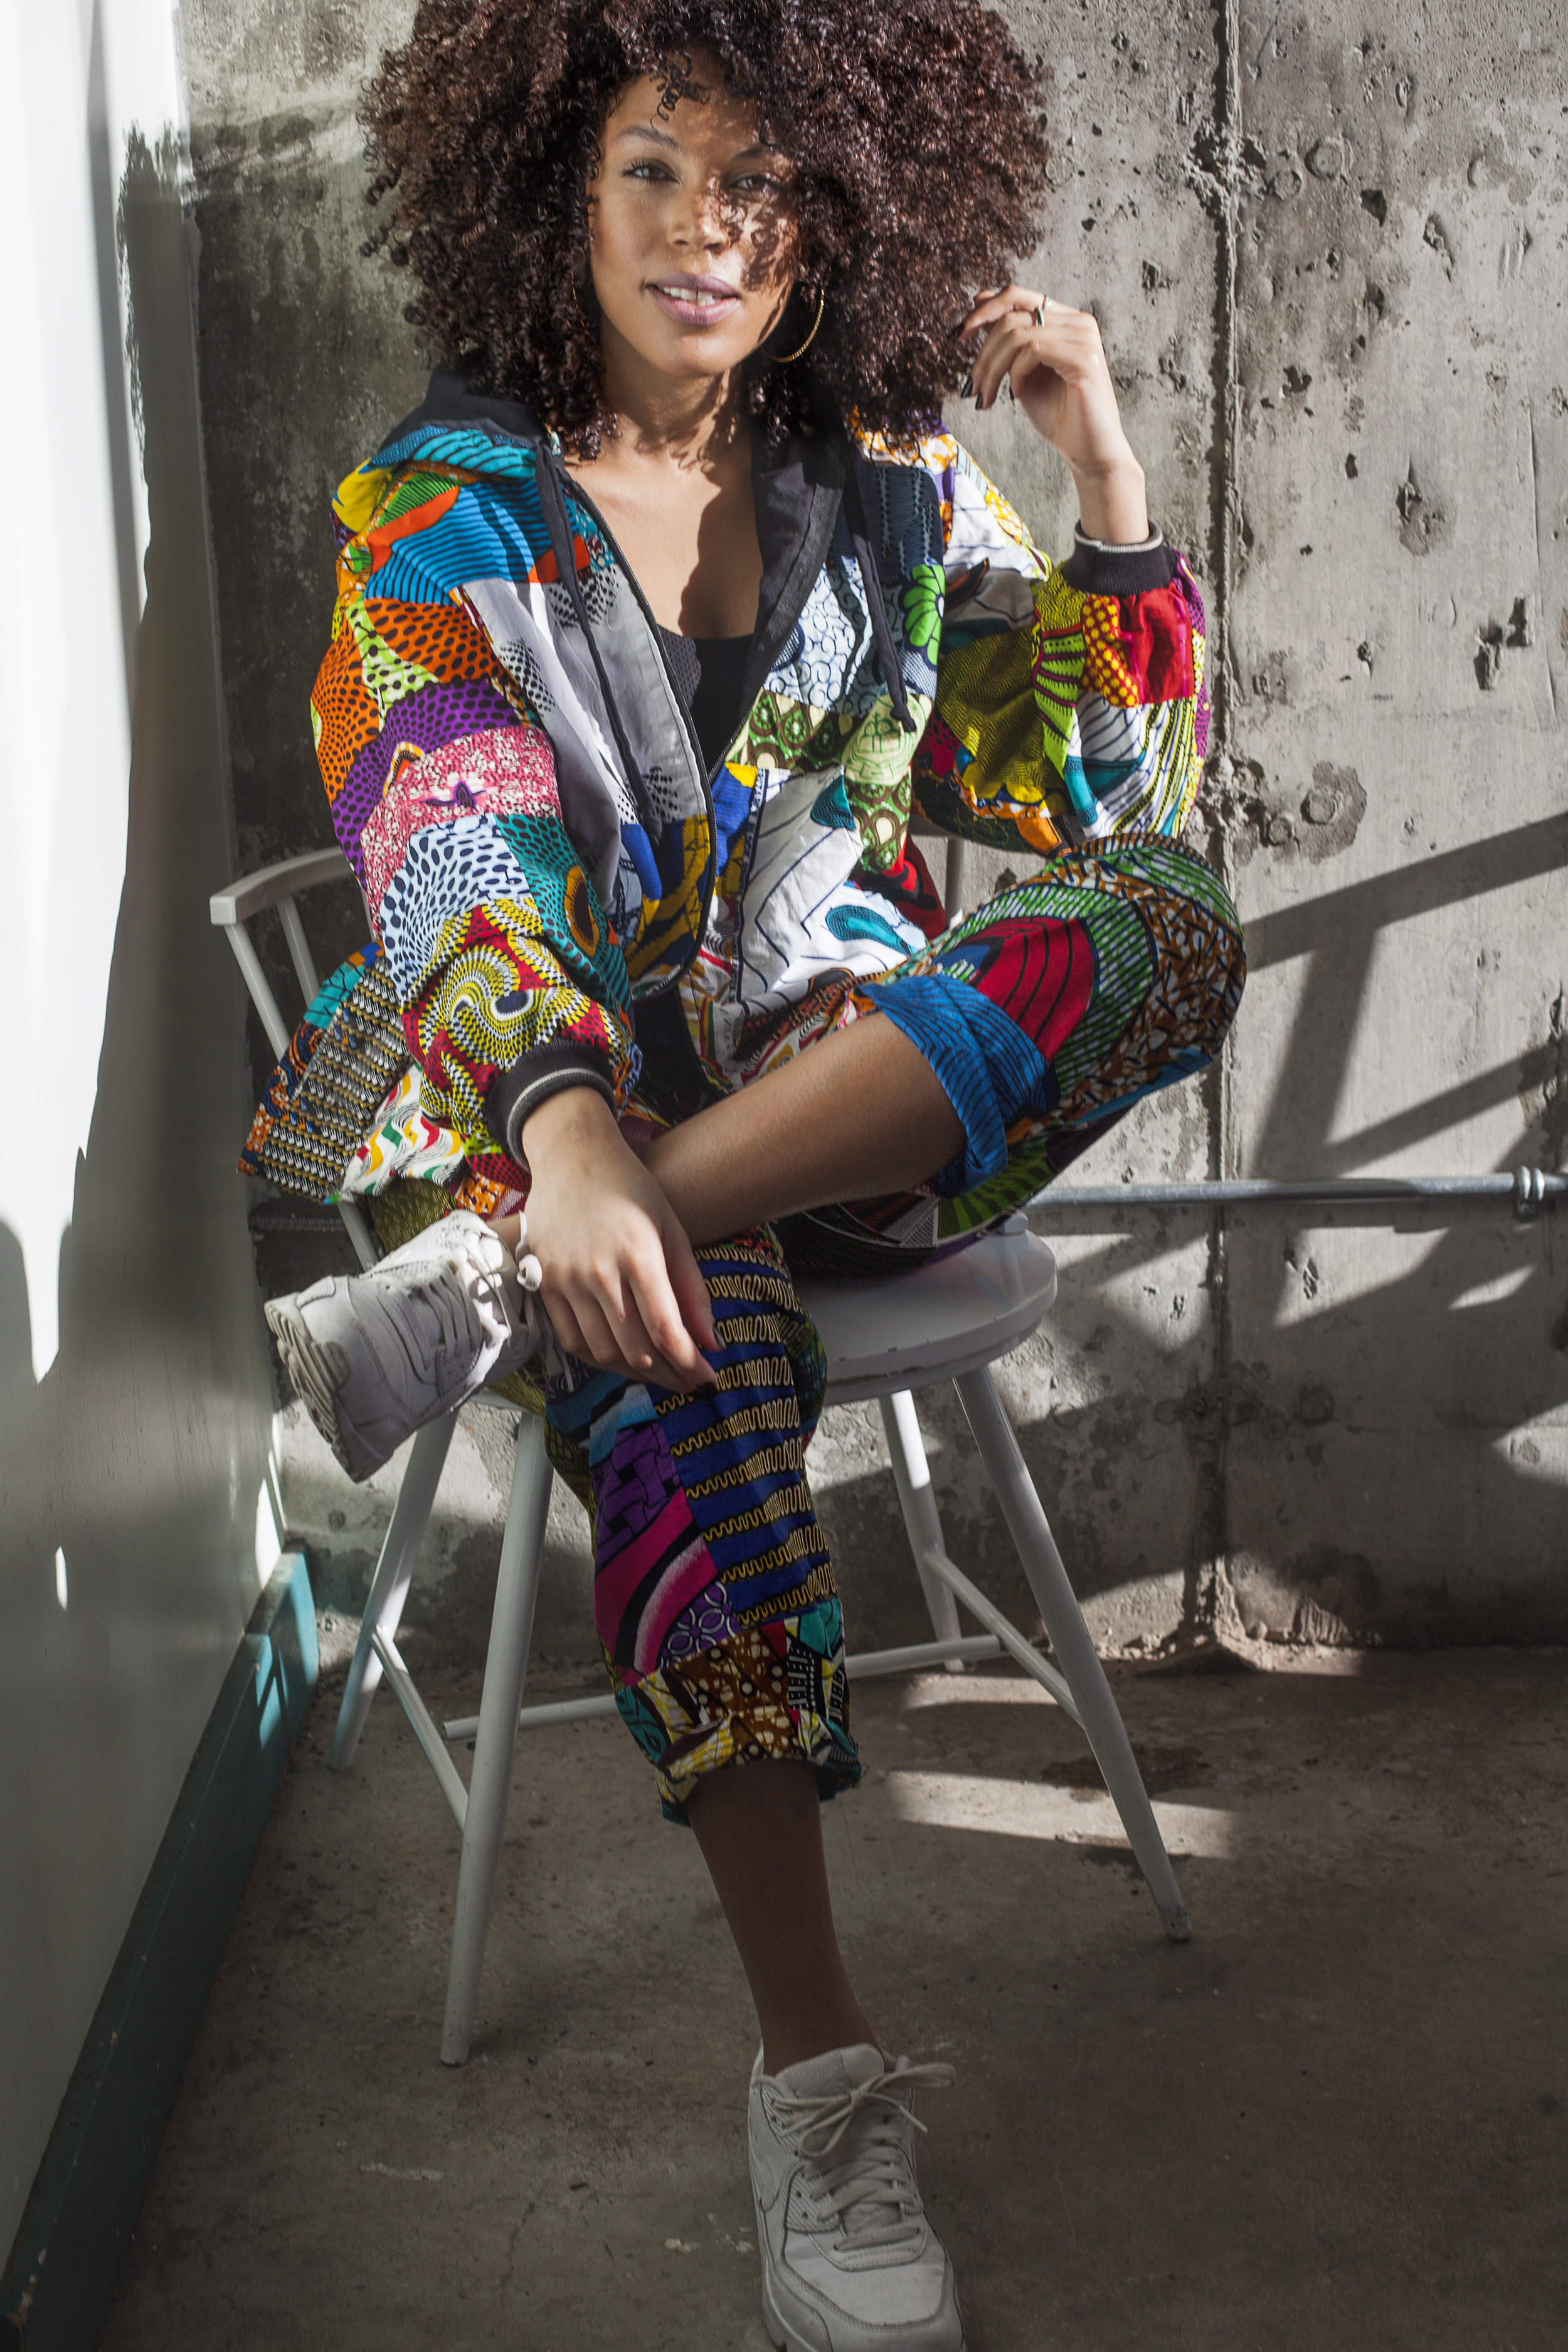 Crédit photo: Valérie Boulet  Lieu: Maesmi MTL  Vêtements: Batik Boutik